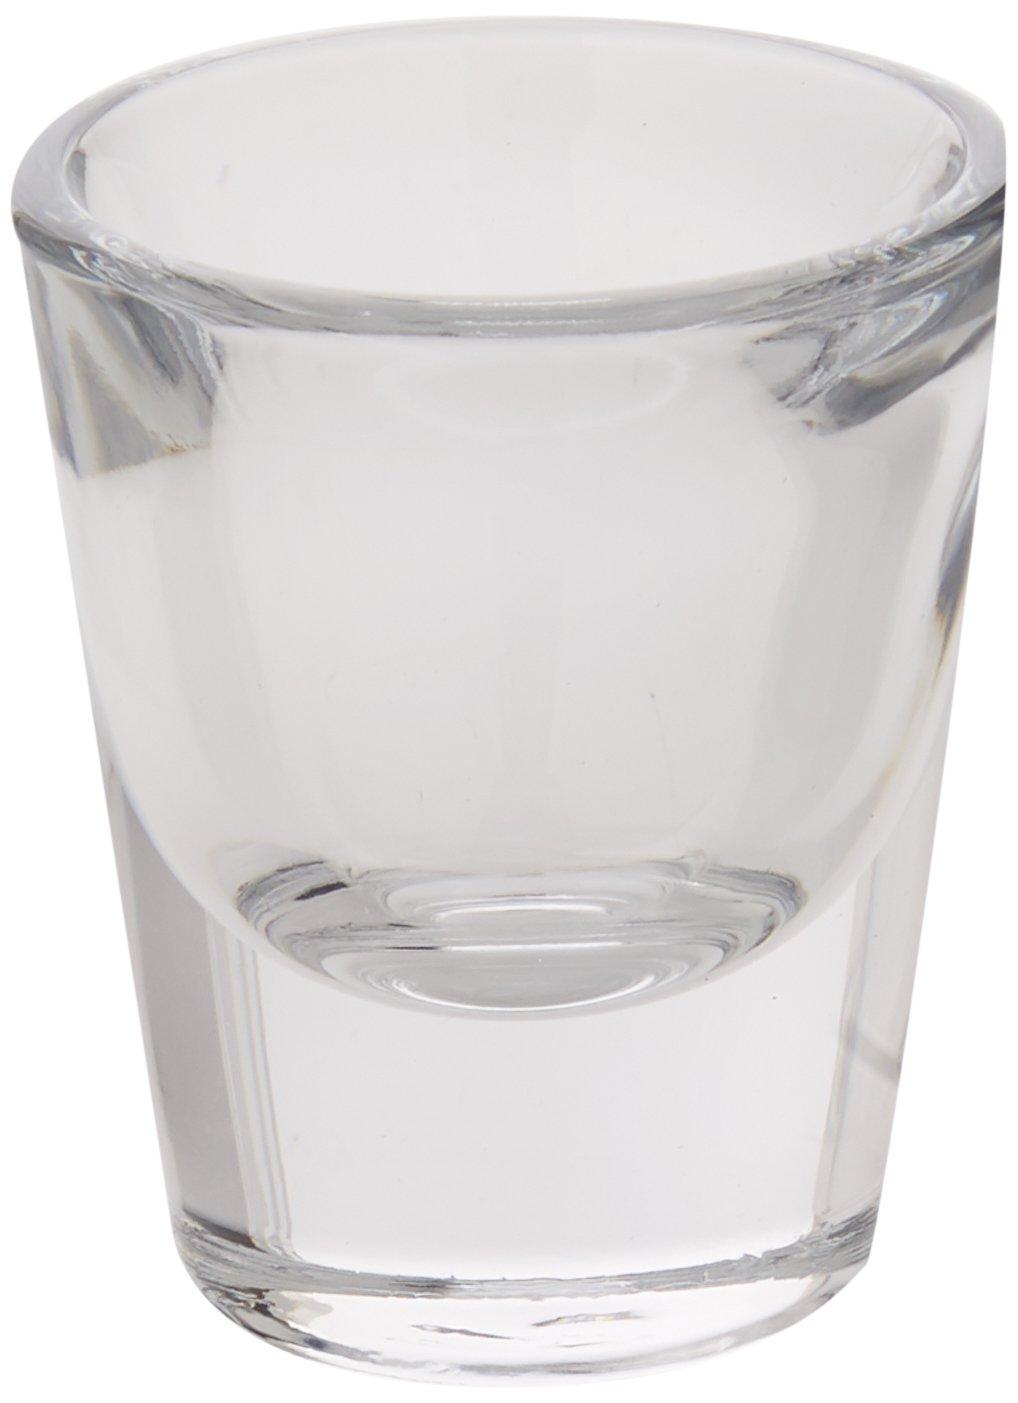 American Shot Glasses 1oz / 30ml - Pack of 12 | 3cl Shot Glasses, Slammer Glasses Pasabahce